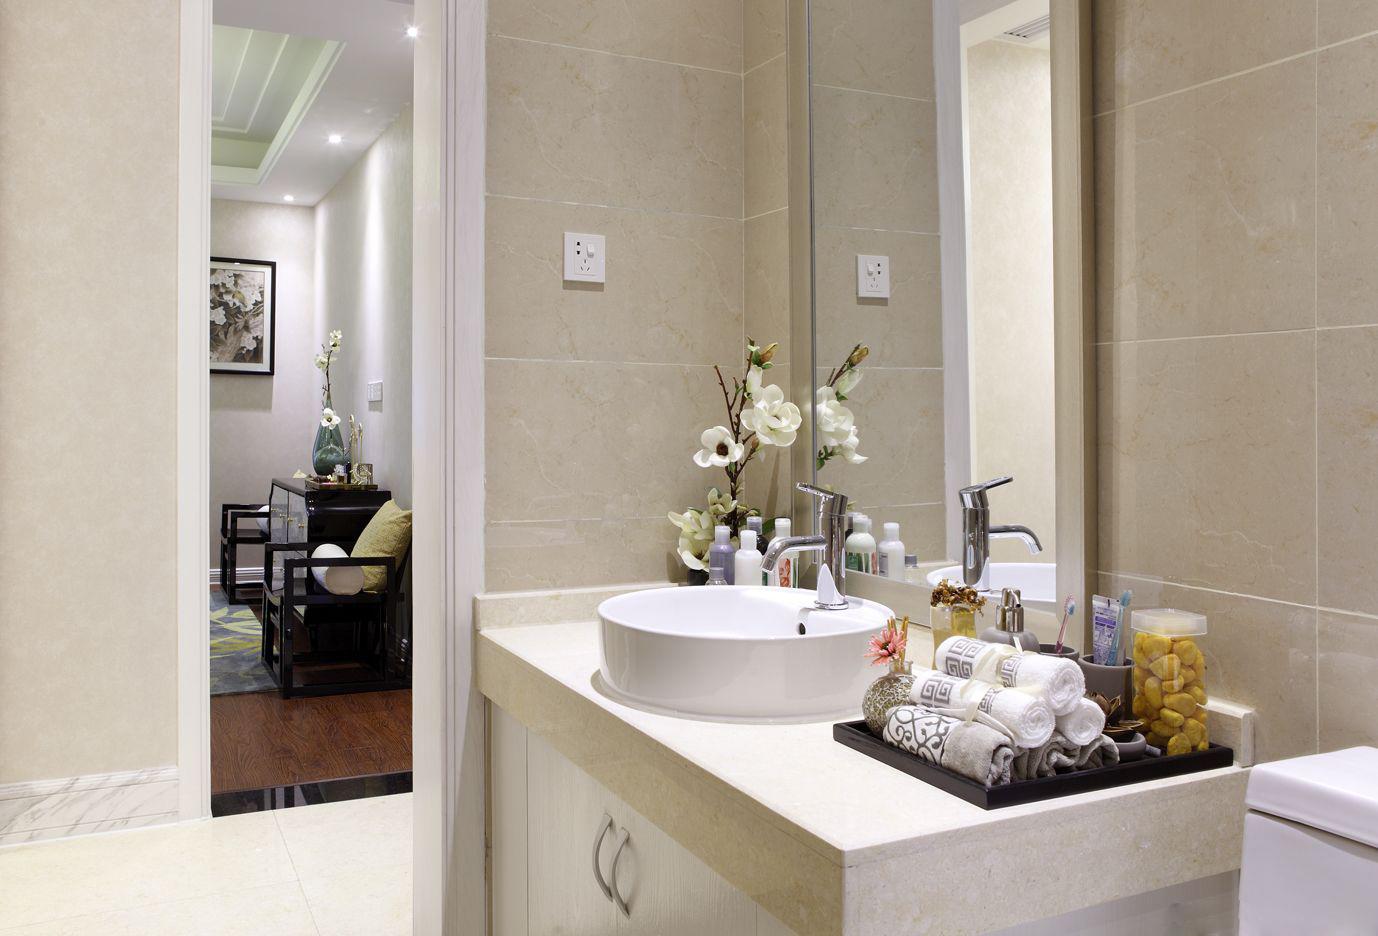 卫生间浅色增强视觉效果,搭配玻璃让空间更有延伸感。